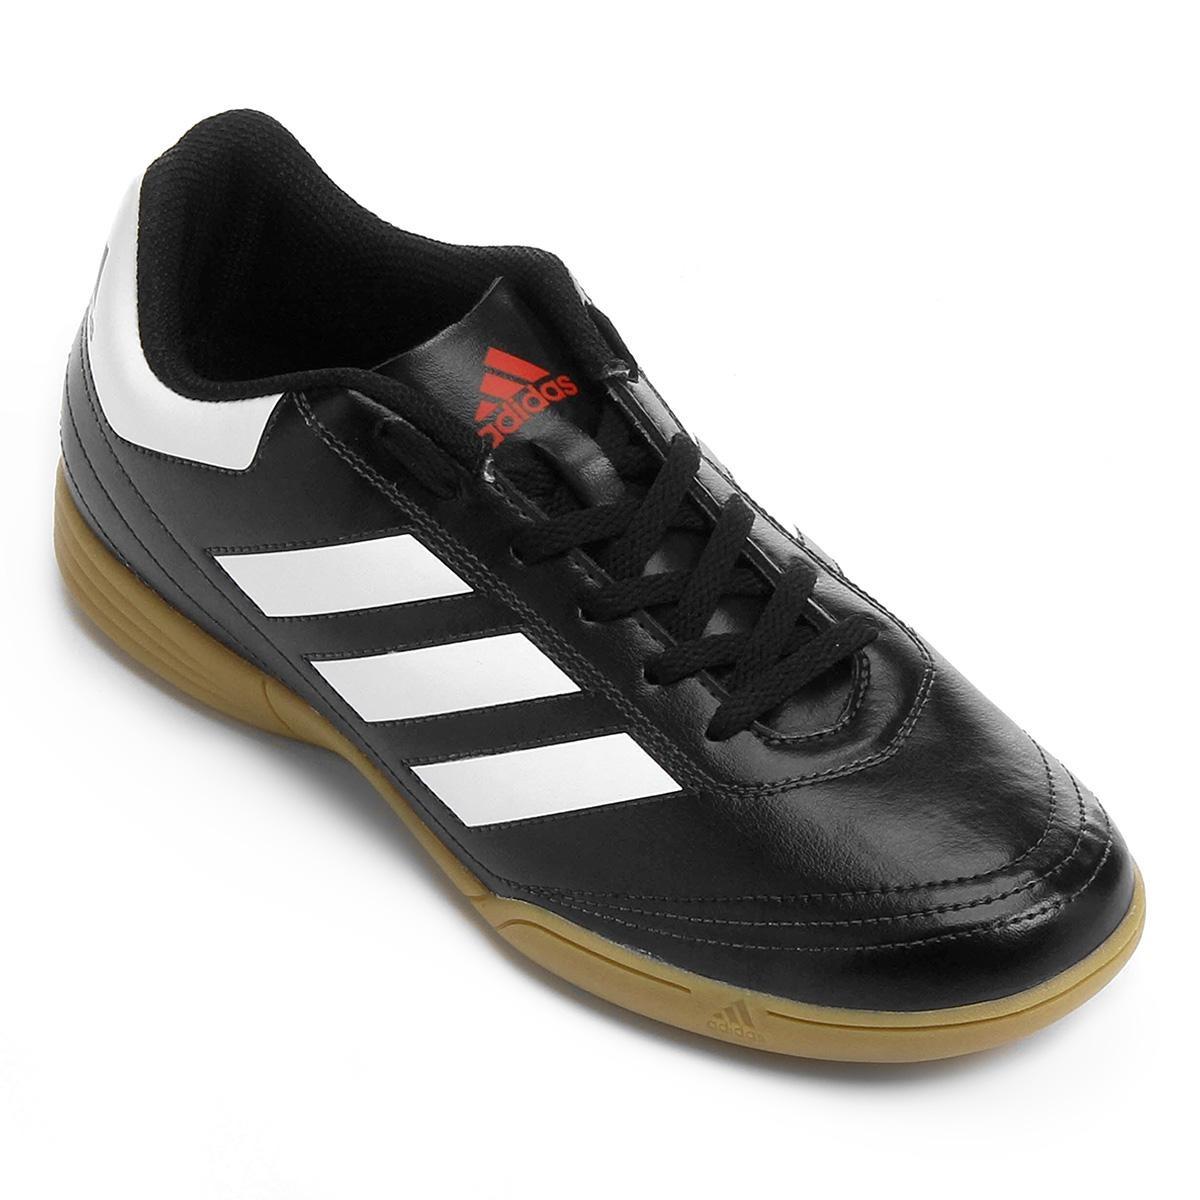 22e9e679dd chuteira adidas futsal goletto vi in aq4289. Carregando zoom.